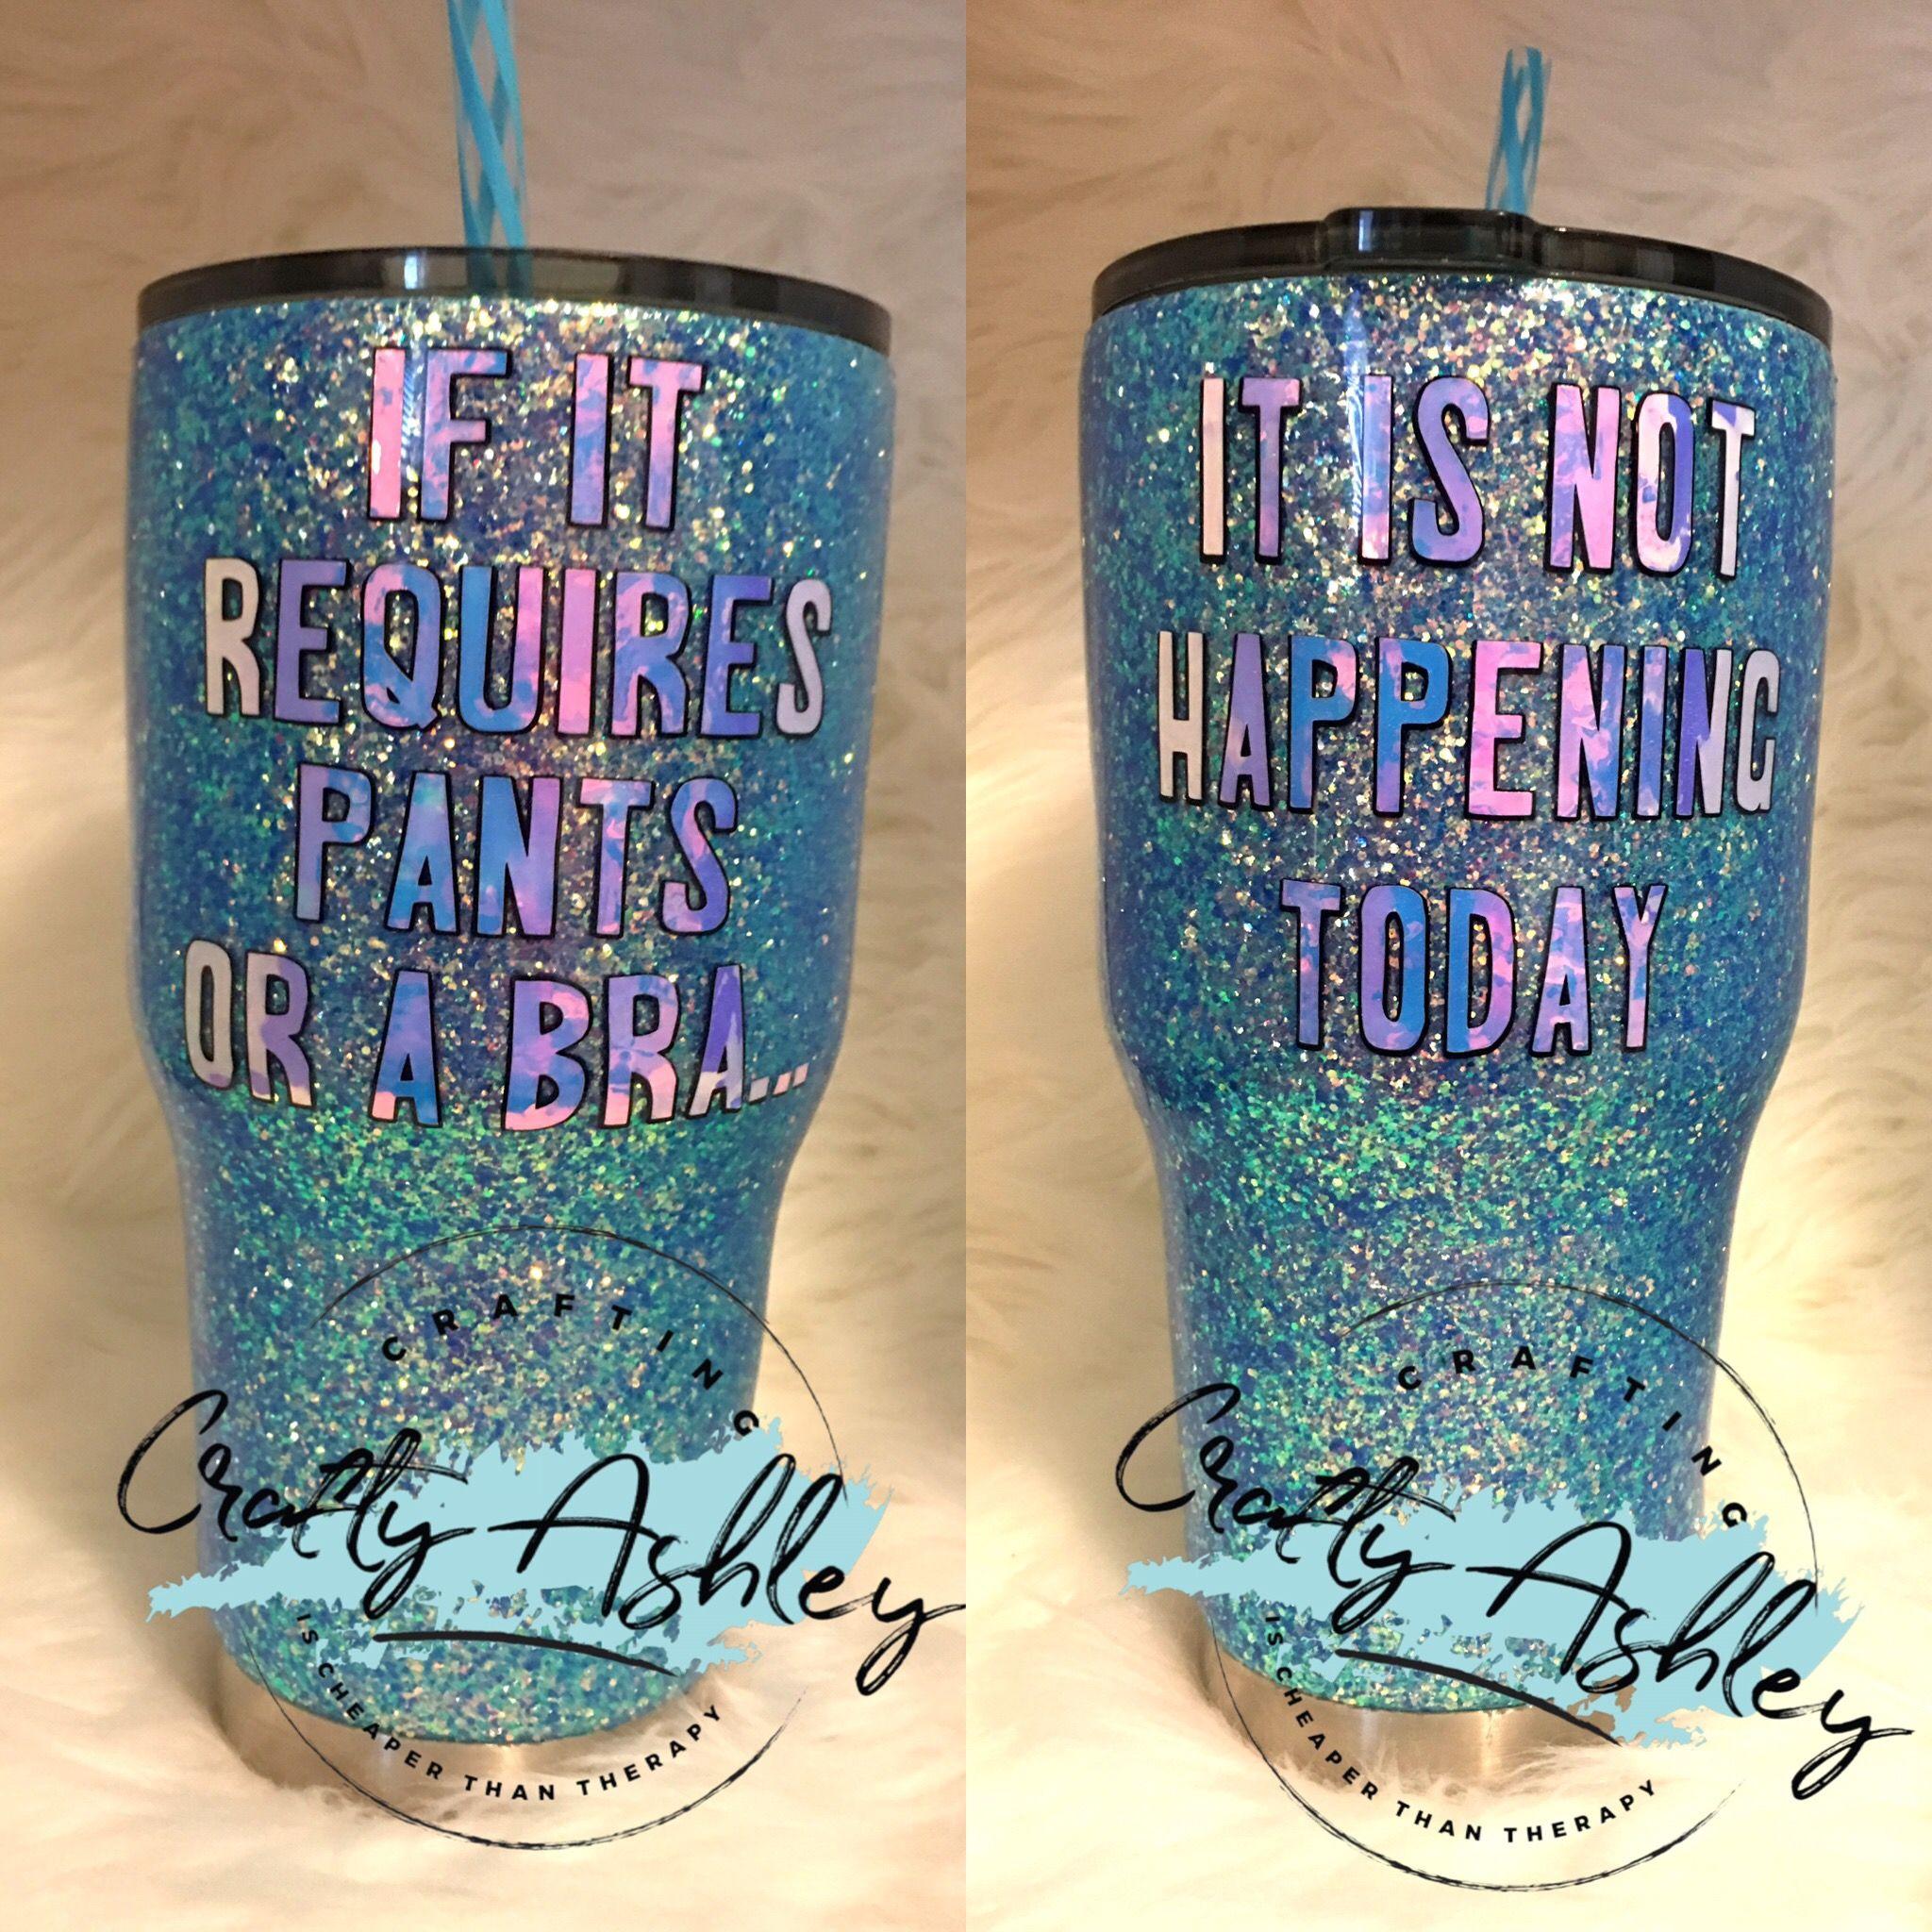 3b27f137f17 Pin by Crafty Ashley on Crafty Ashley tumblers | Cup crafts, Tumbler ...